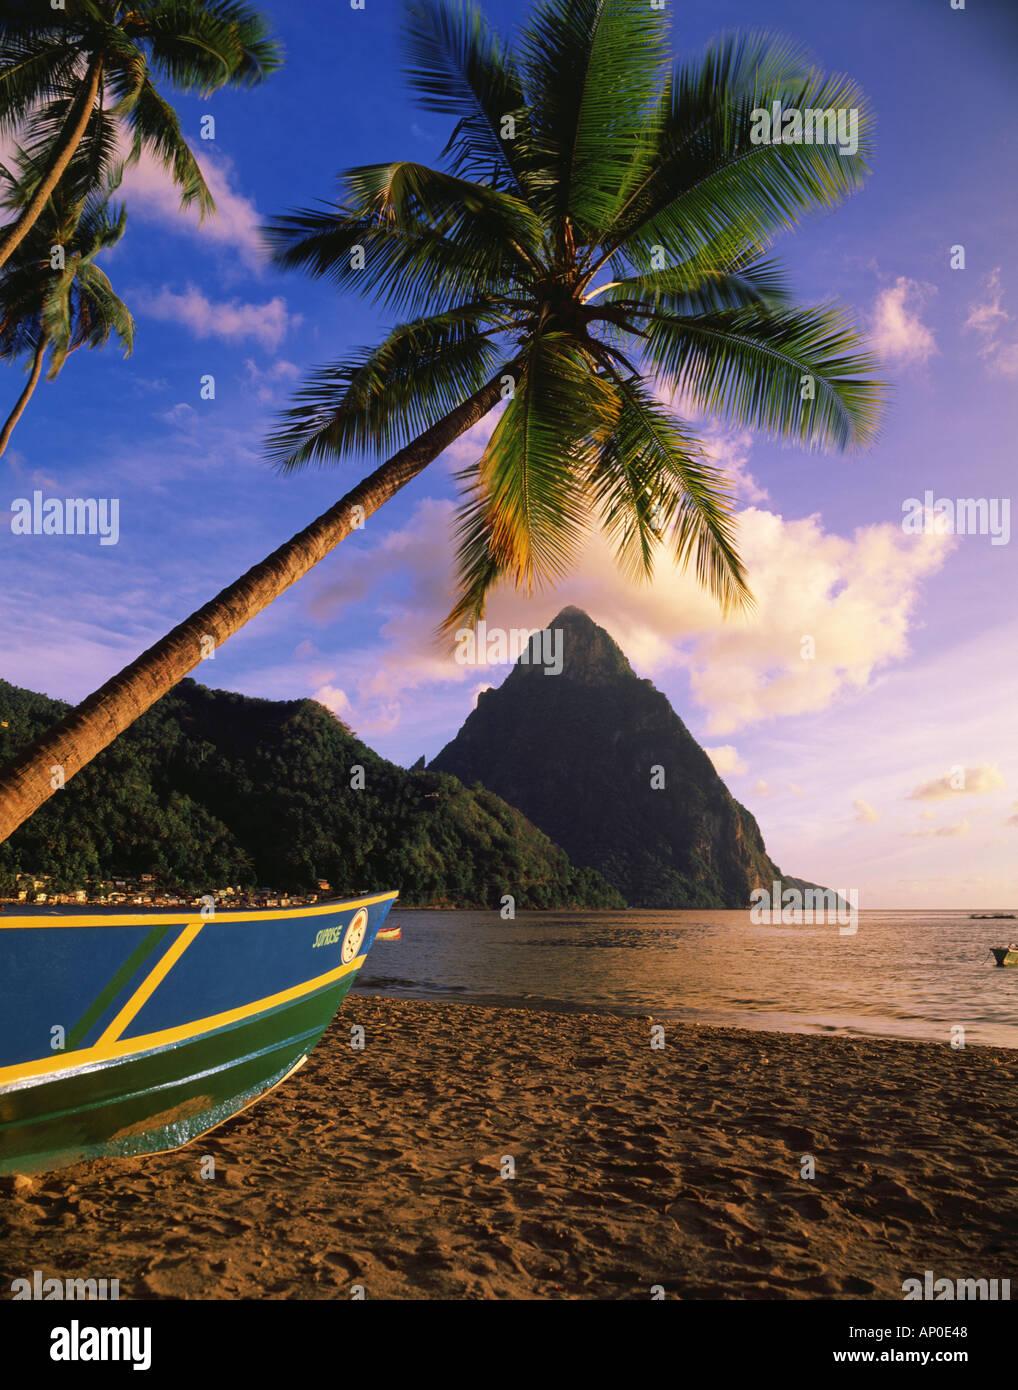 Späten Nachmittag Licht auf Soufriere Strand mit der zierlichen Piton im Hintergrund Fischerboot liegt am Strand Stockbild